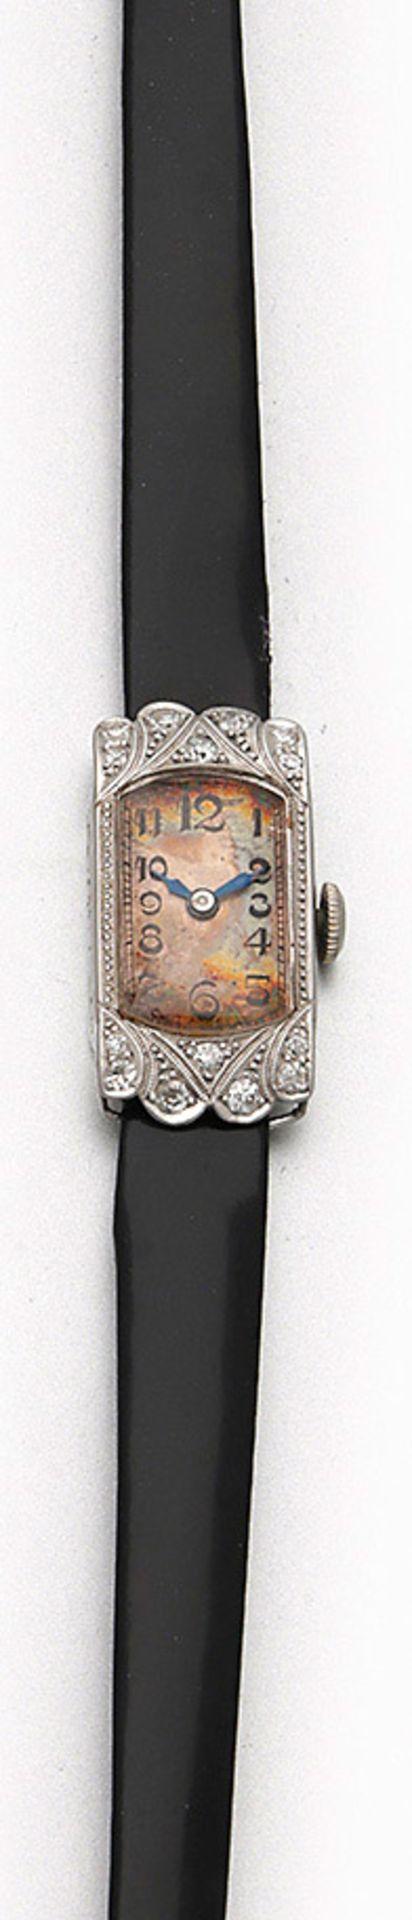 Damenarmbanduhr aus den 40er Jahren